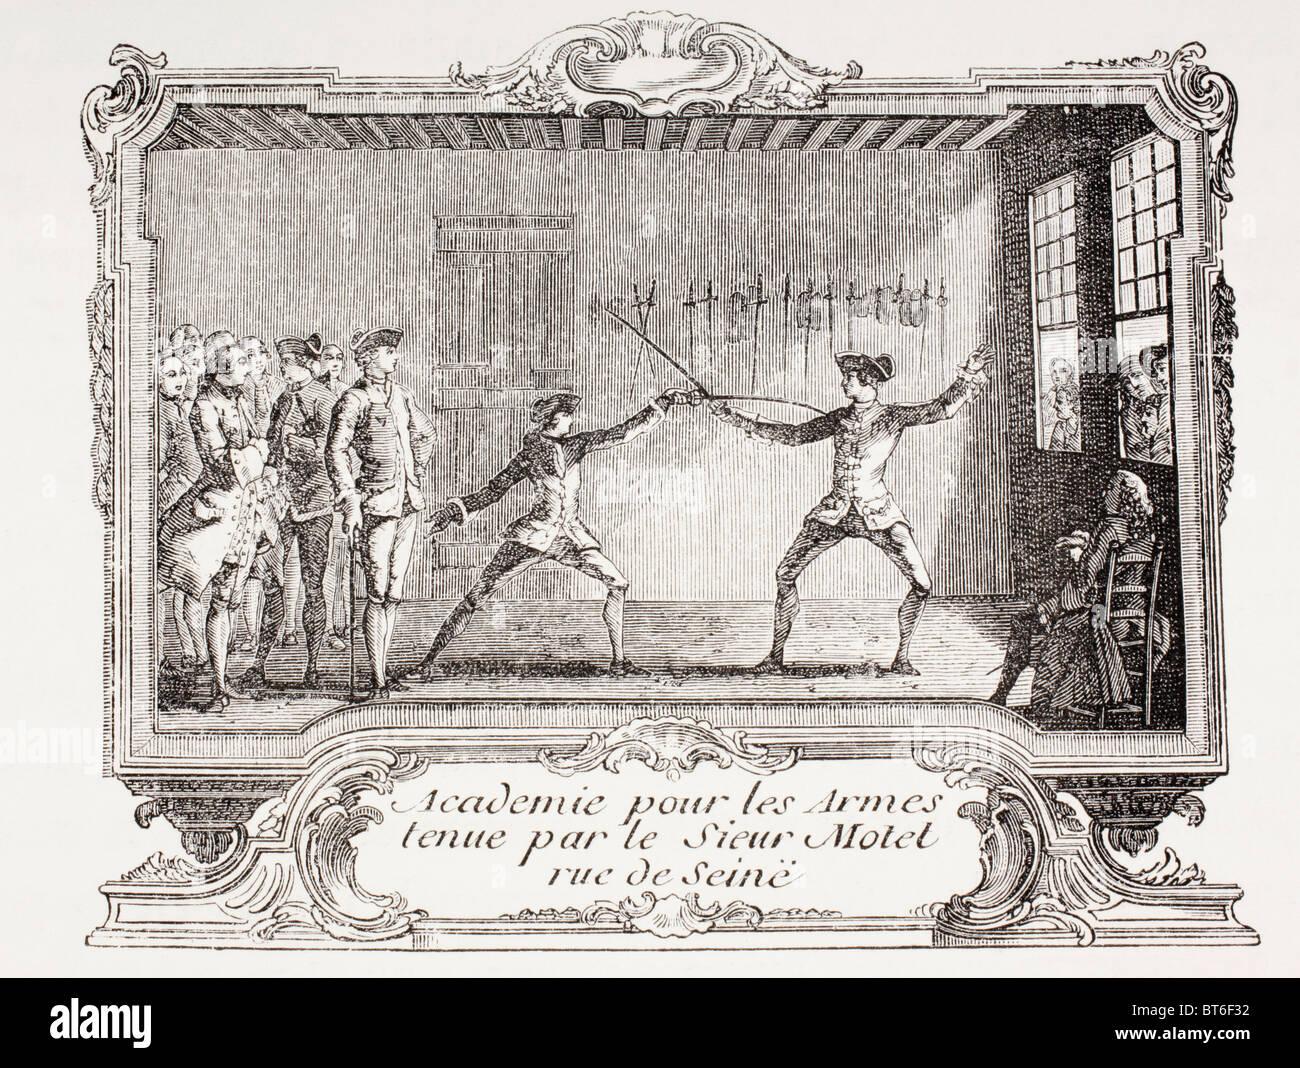 Un accademia di scherma nel XVIII secolo a Parigi. Immagini Stock